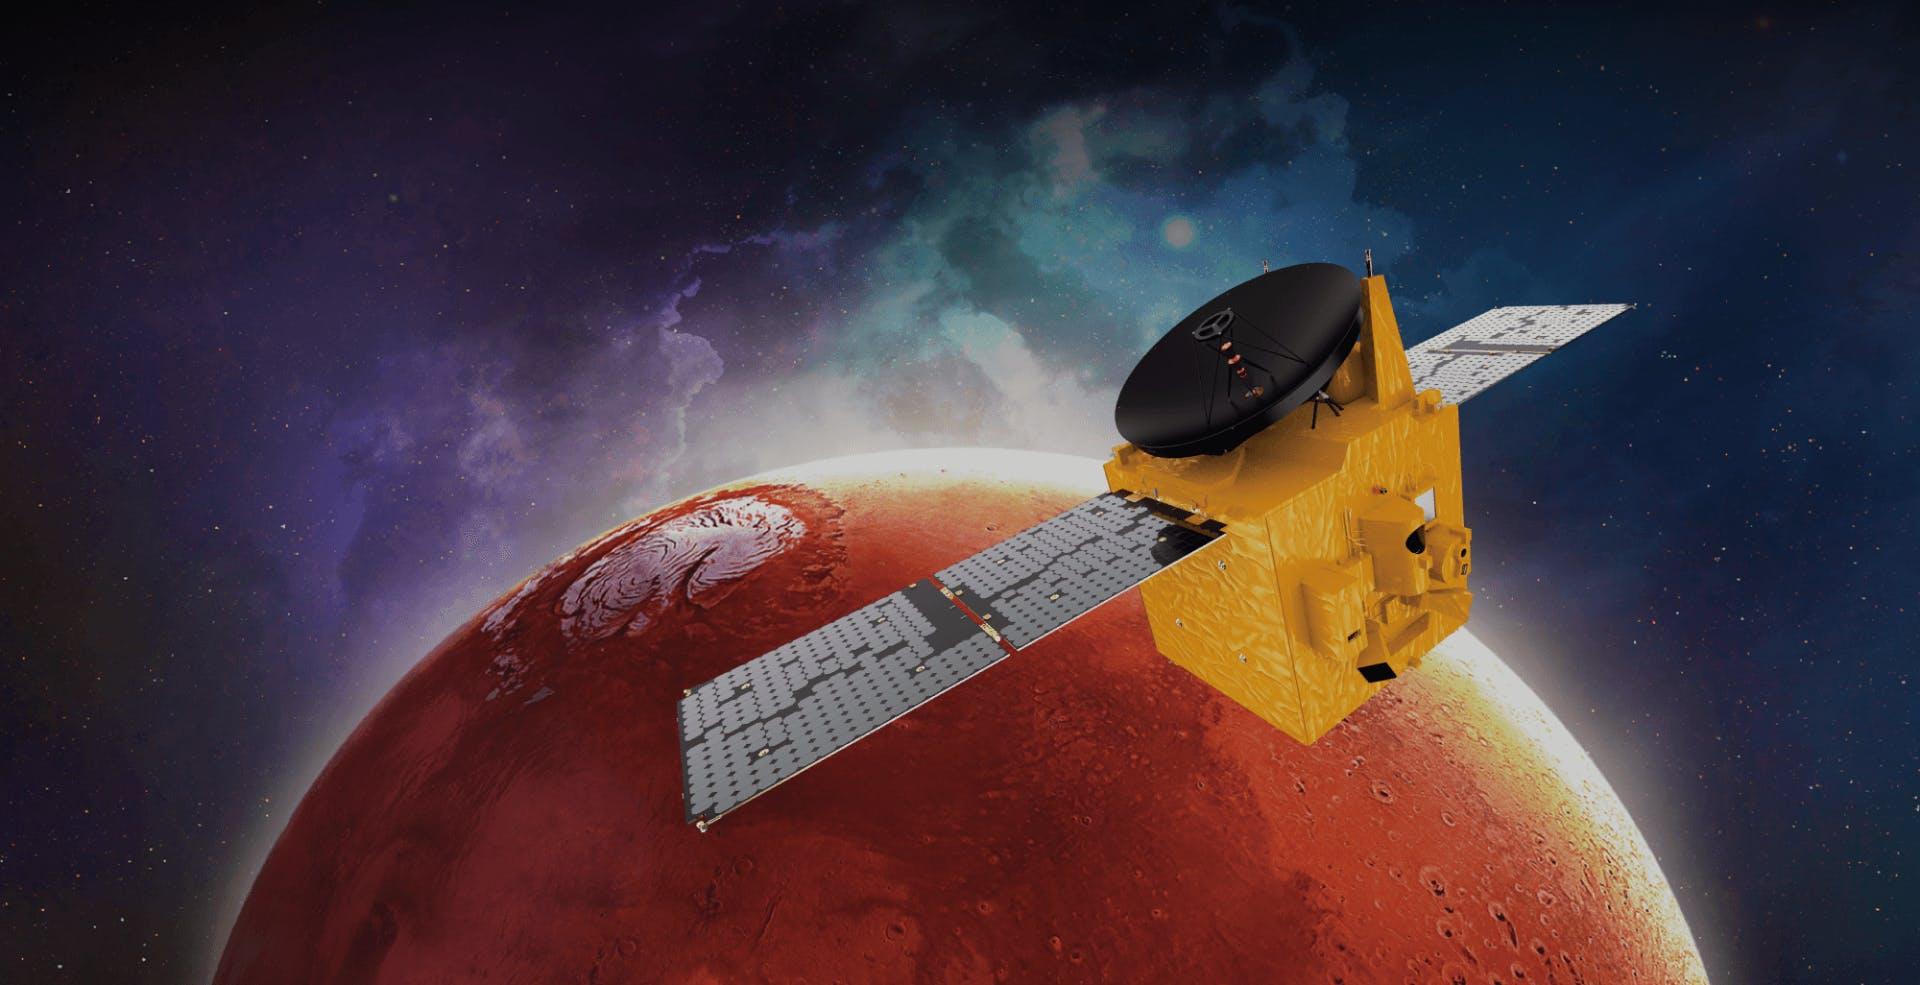 In attesa dell'arrivo di Perseverance, Cina ed Emirati Arabi hanno conquistato Marte